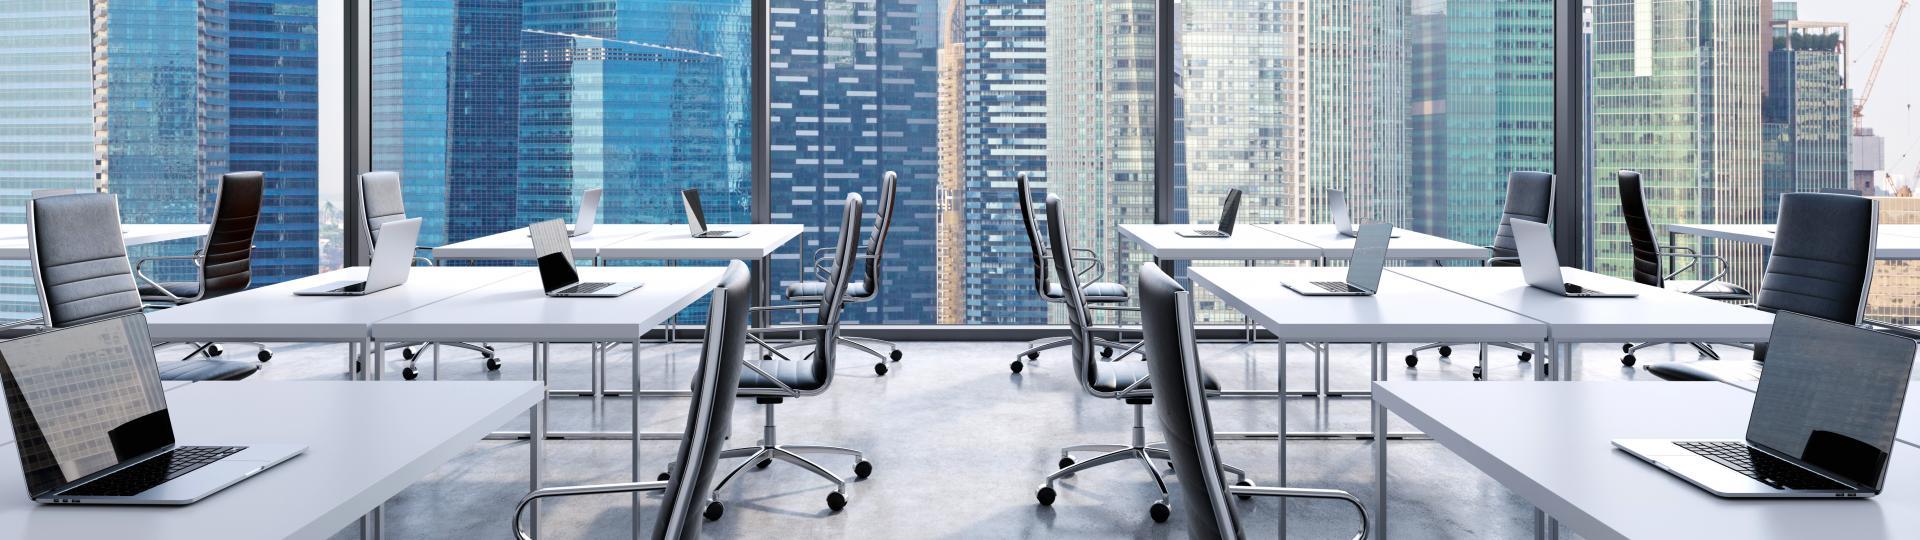 Качественная мебель в офисе повышает производительность труда и создает комфортную обстановку в коллективе.